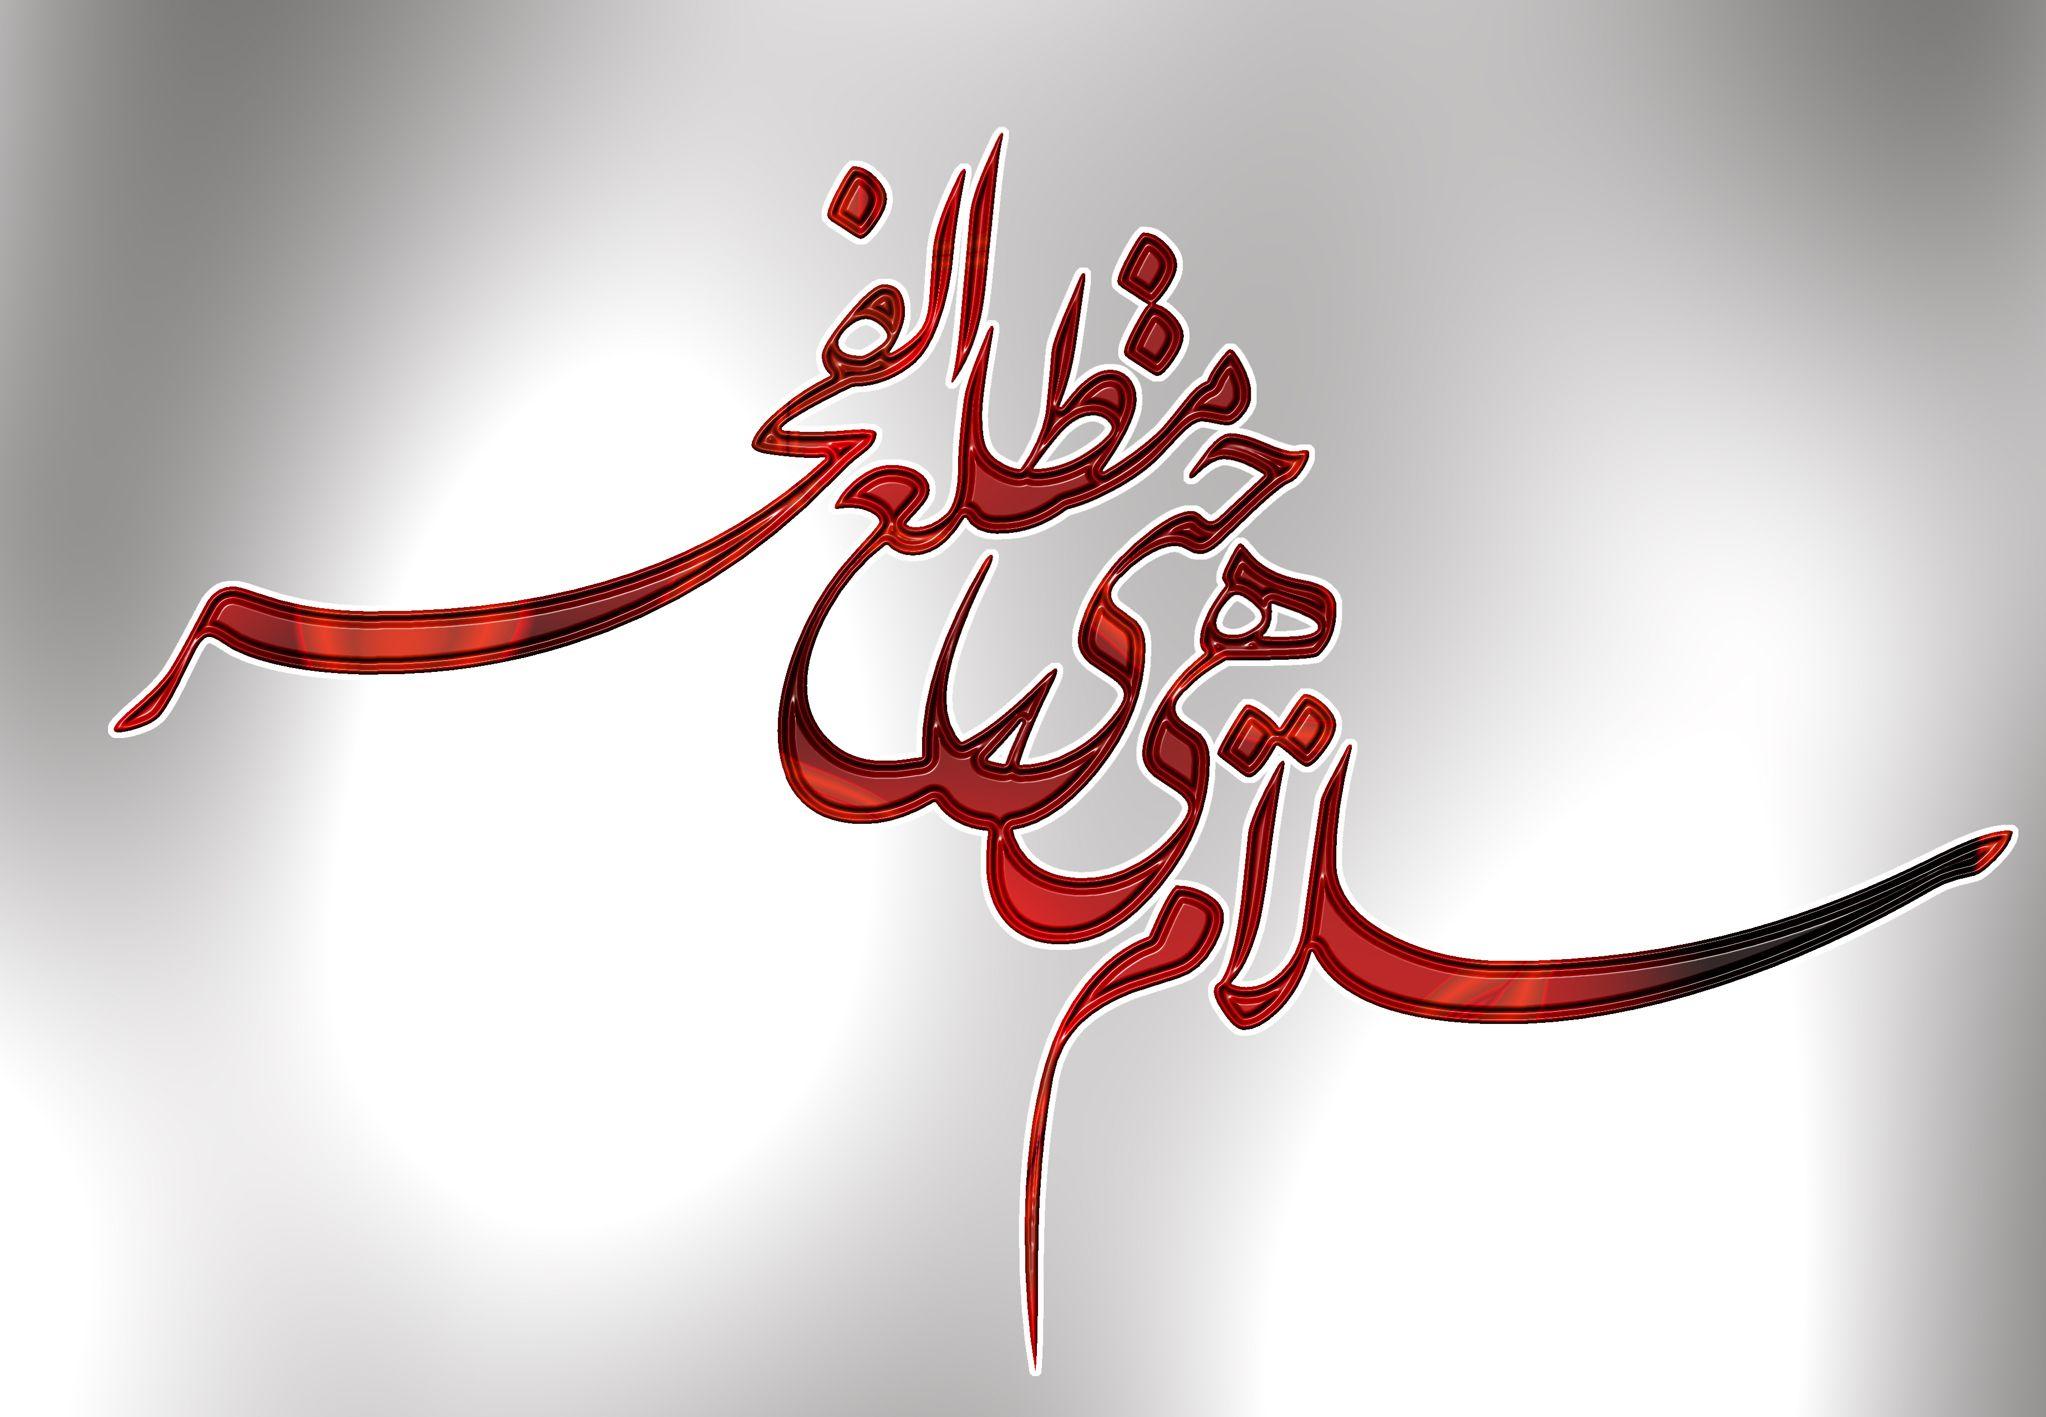 سلام هى حتى مطلع الفجر سورة القدر 97 الآية 5 Arabic Calligraphy الخط العربي Islamic Calligraphy Arabic Calligraphy Art Islamic Art